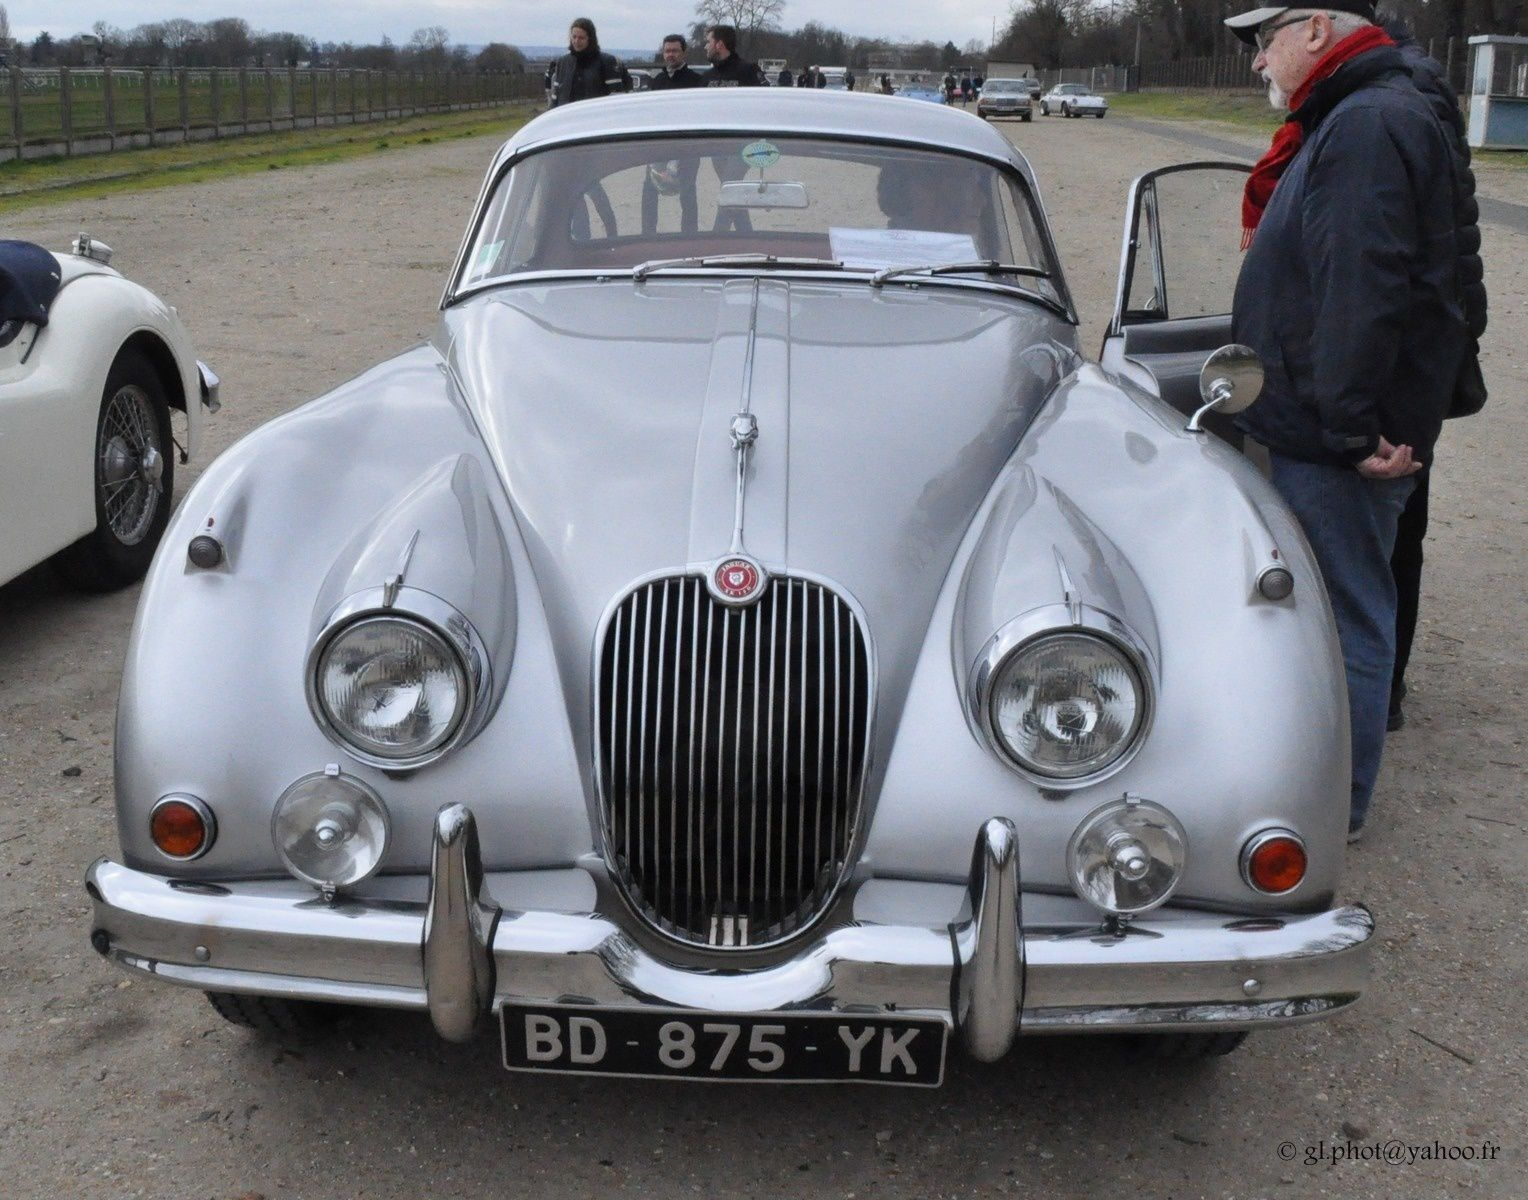 Exposition voitures anciennes Maisons Lafitte : Jaguar XK 150